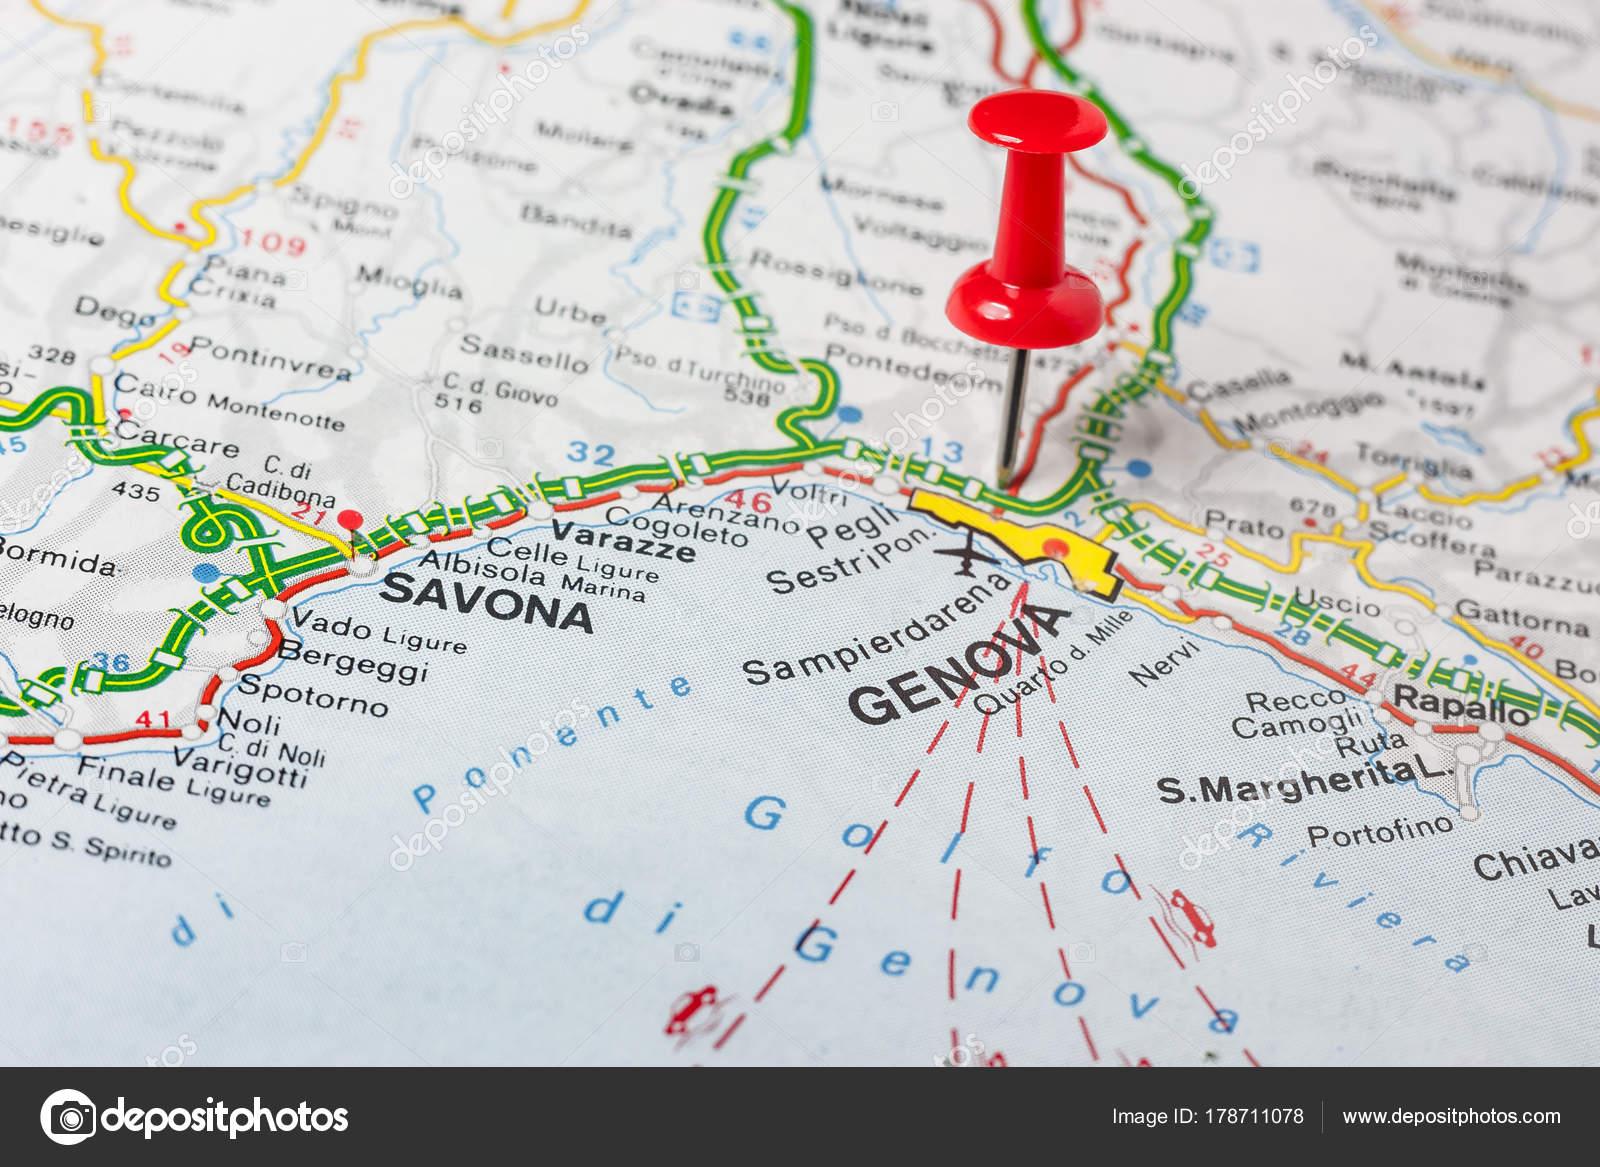 Italien Karta Genova.Genova Vastgemaakt Op Een Kaart Van Italie Stockfoto C Maior